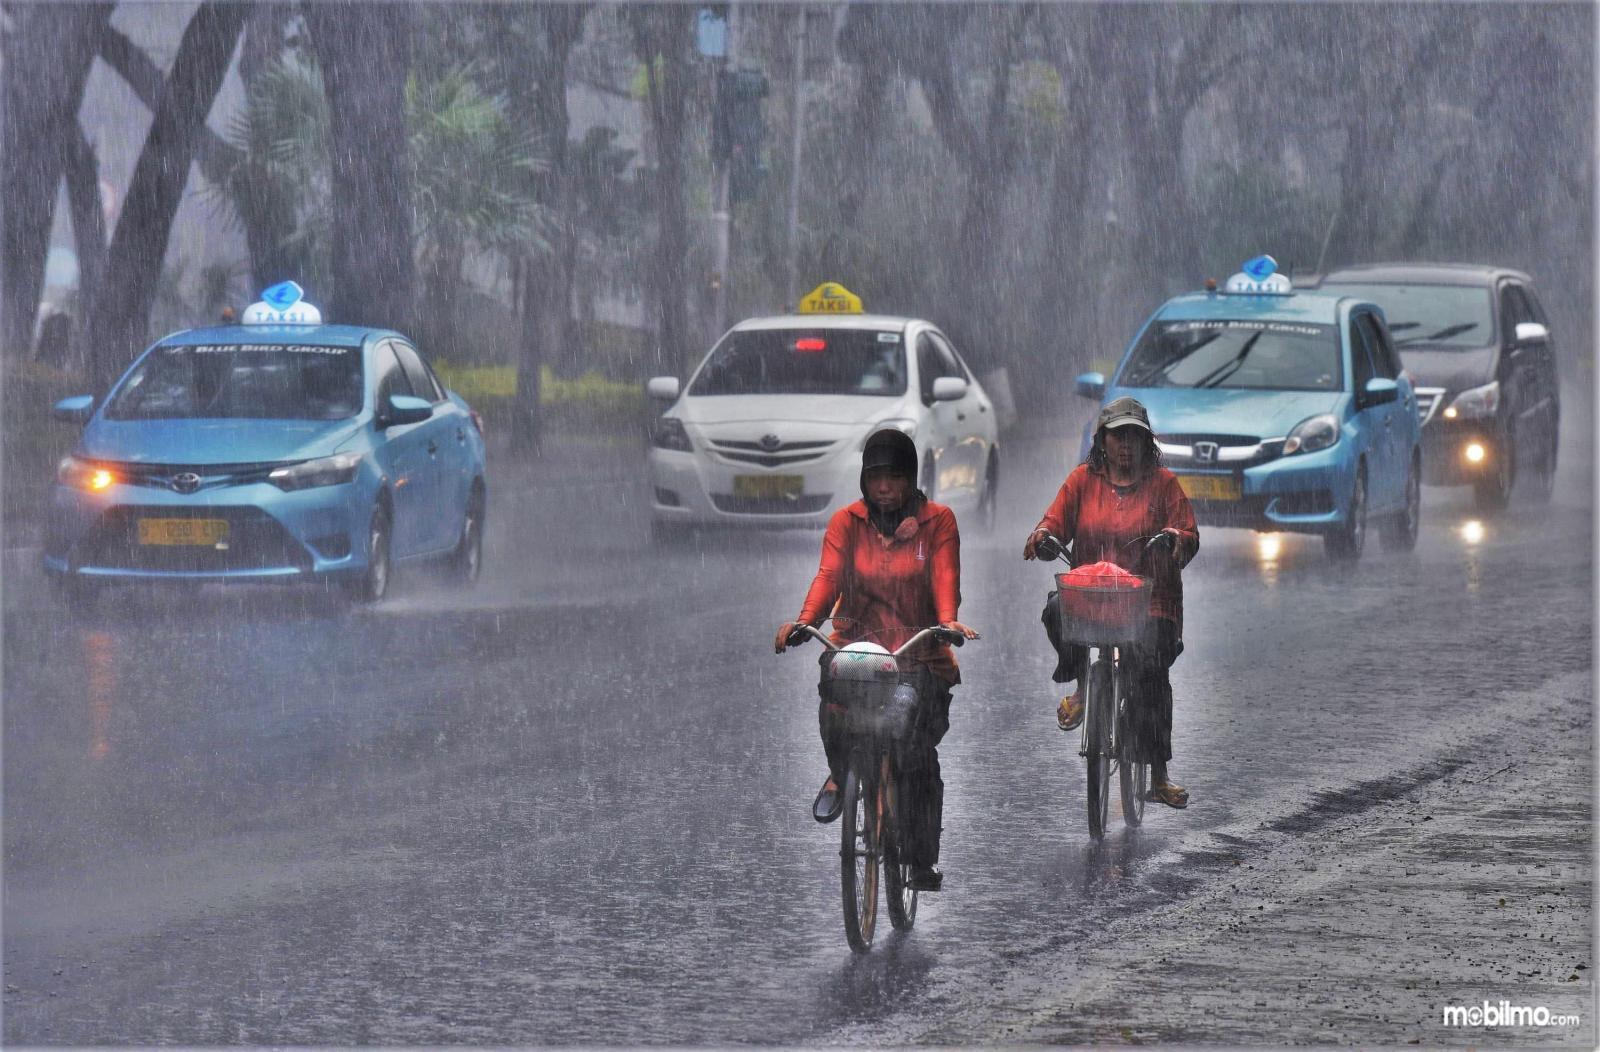 Dua orang mengayuh sepeda di tengah hujan lebat